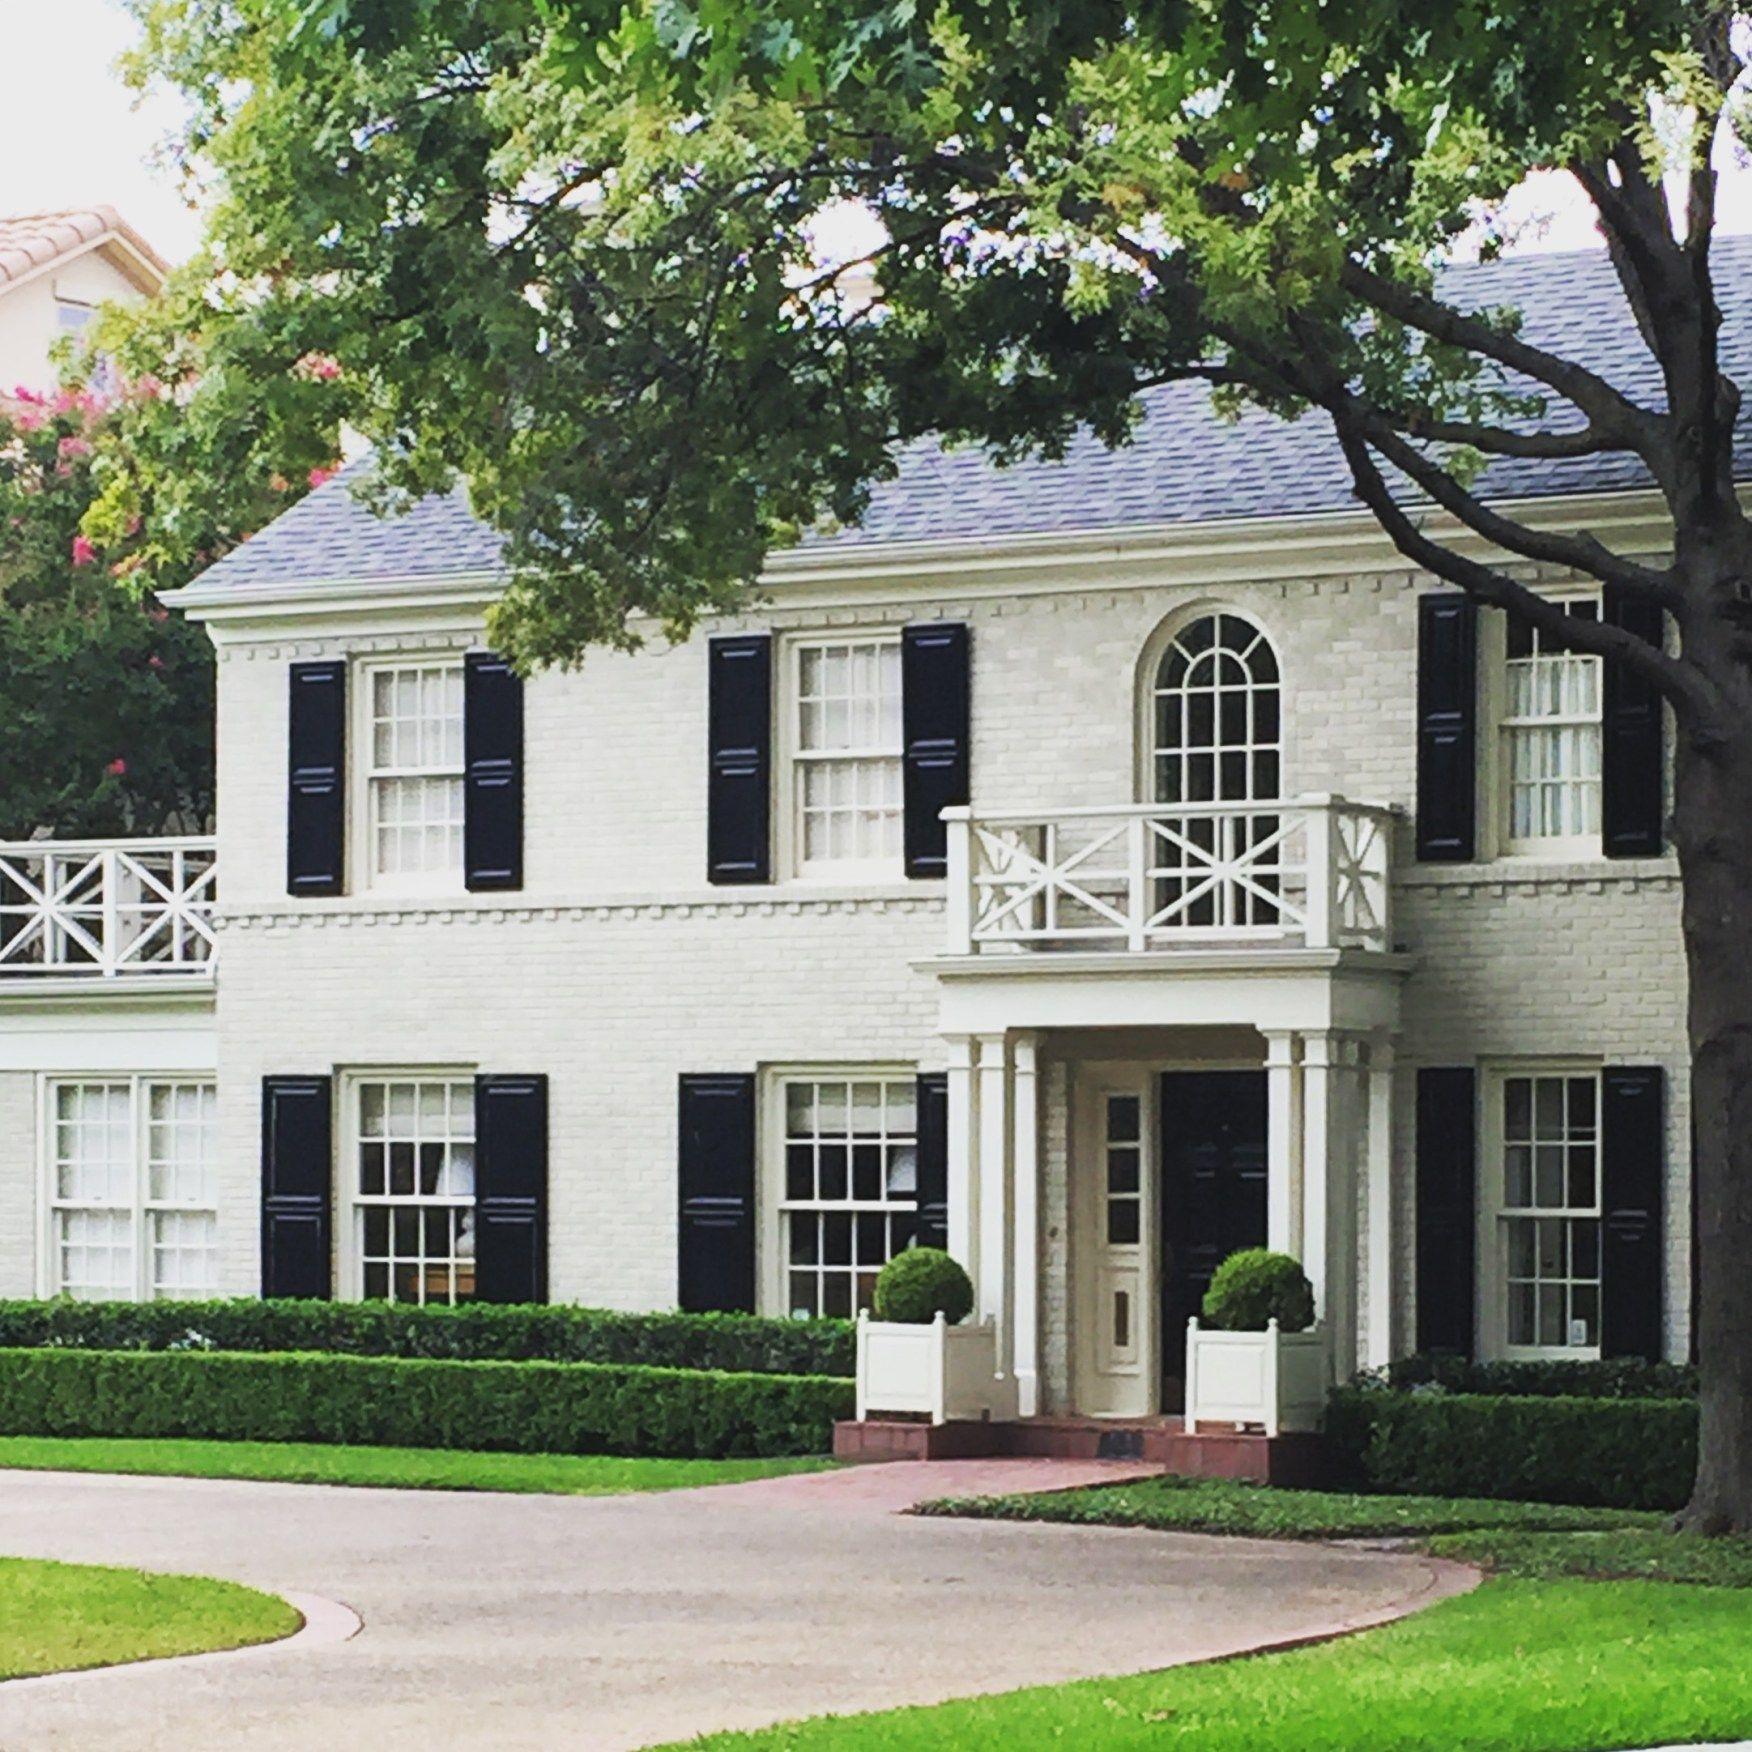 Exterior Home Design Software: Home Exterior Ideas I Like